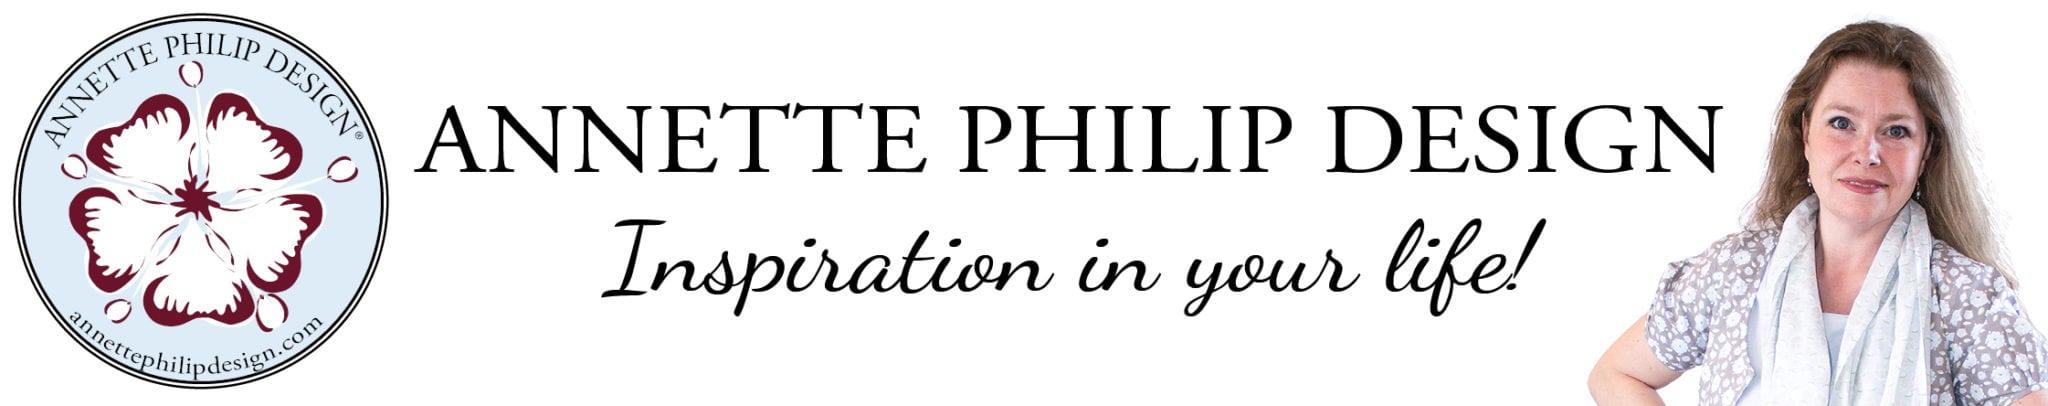 ANNETTE PHILIP DESIGN